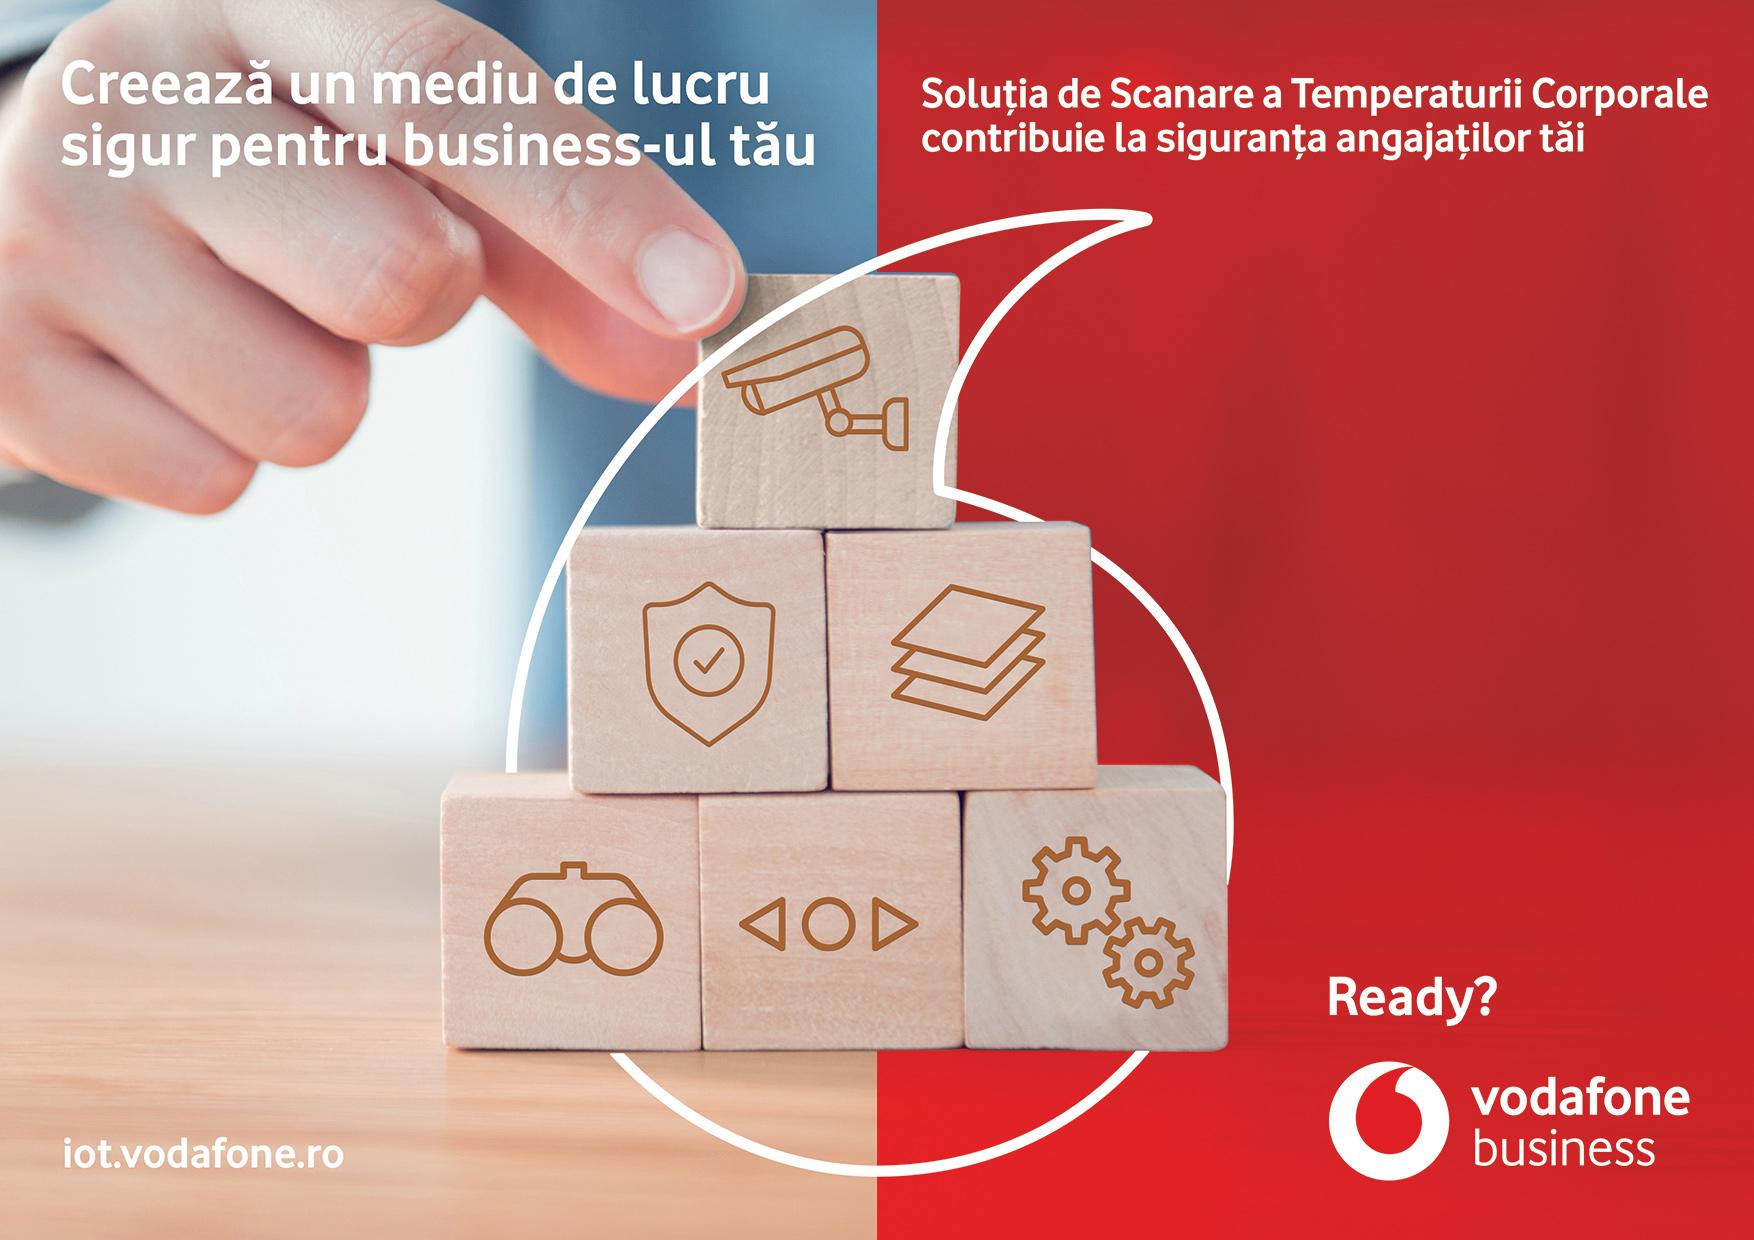 Soluția de Scanare a Temperaturii Corporale de la Vodafone România